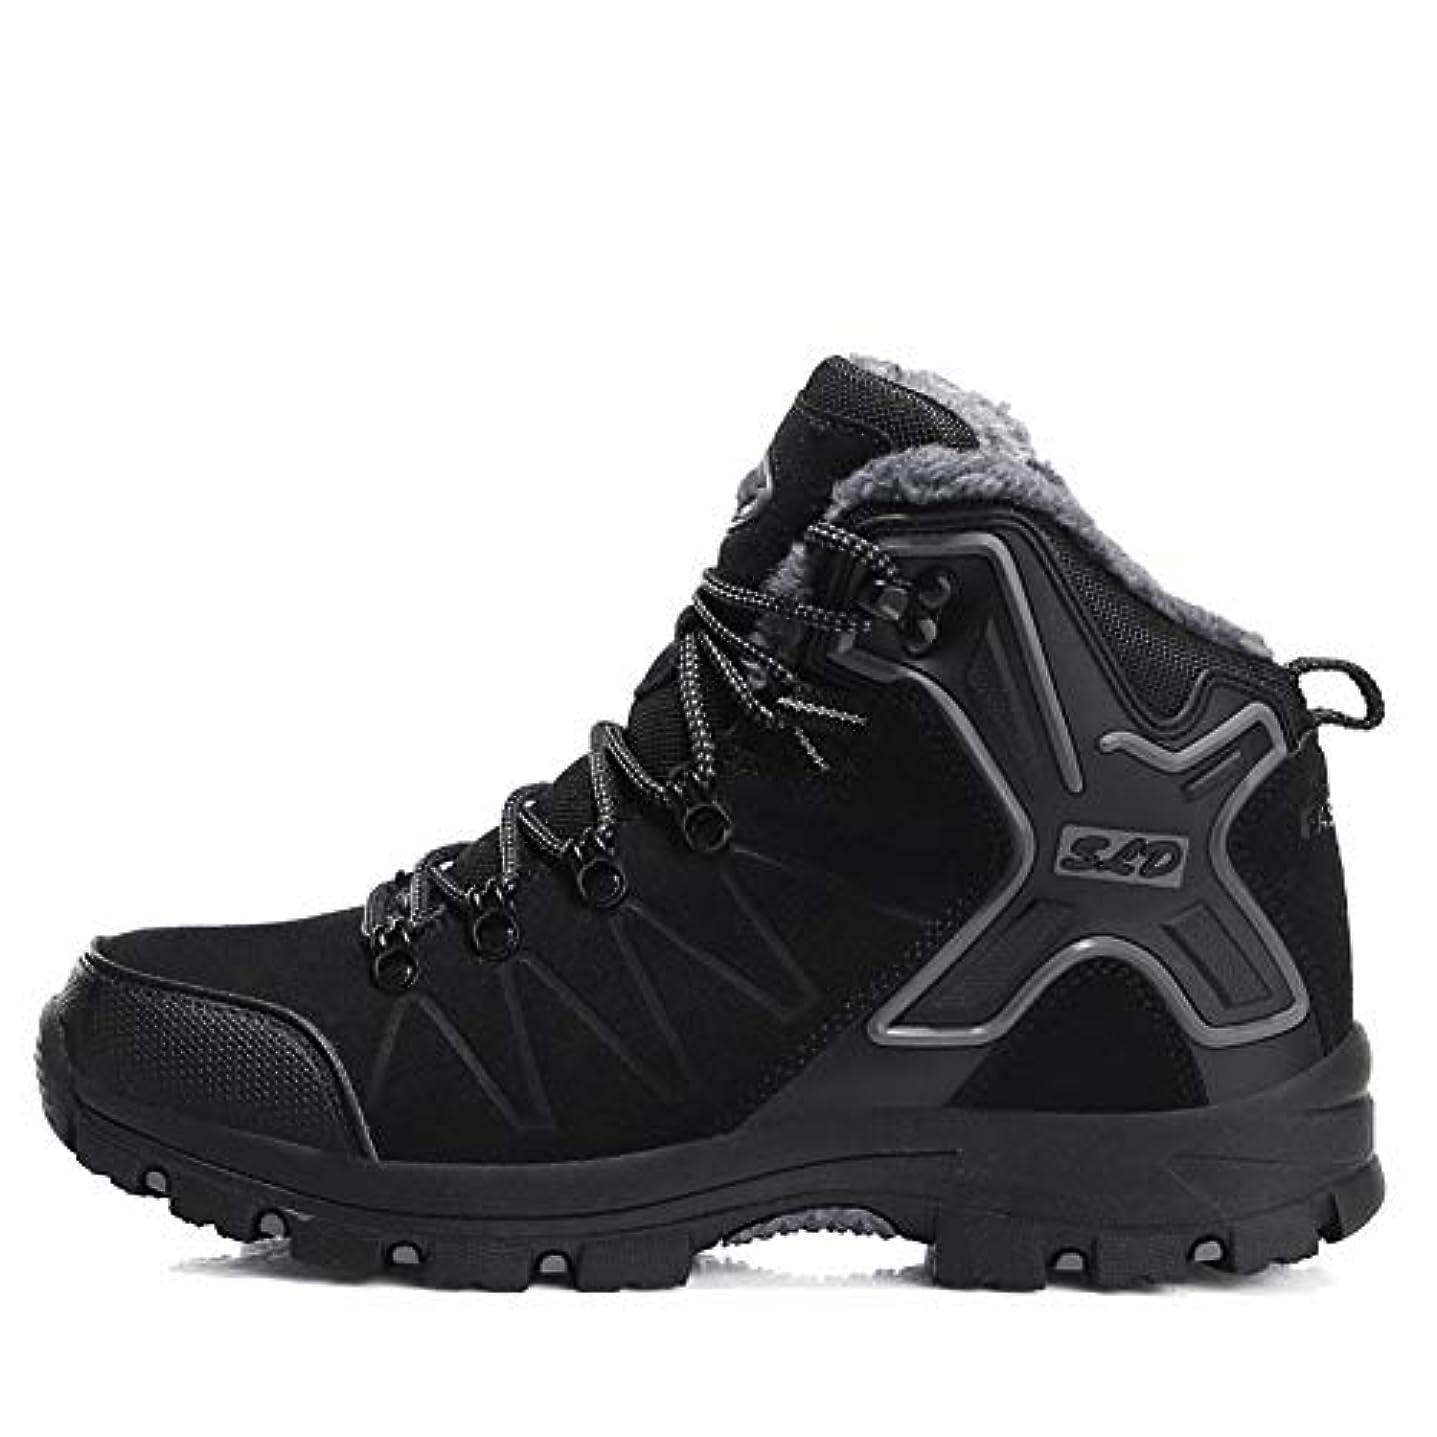 ストレッチゴールド無心[TcIFE] トレッキングシューズ メンズ 防水 防滑 ハイカット 登山靴 大きいサイズ ハイキングシューズ メンズ 耐磨耗 ハイキングシューズ メンズ 通気性 スニーカー